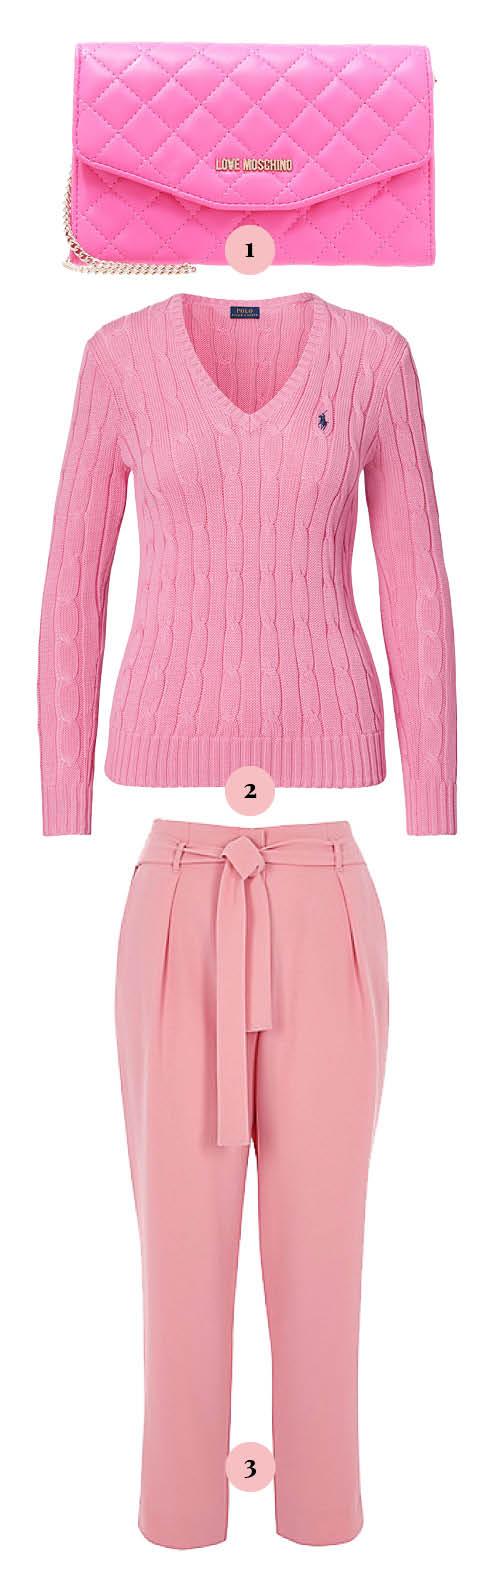 f19_jolandas-look-pink_ap1